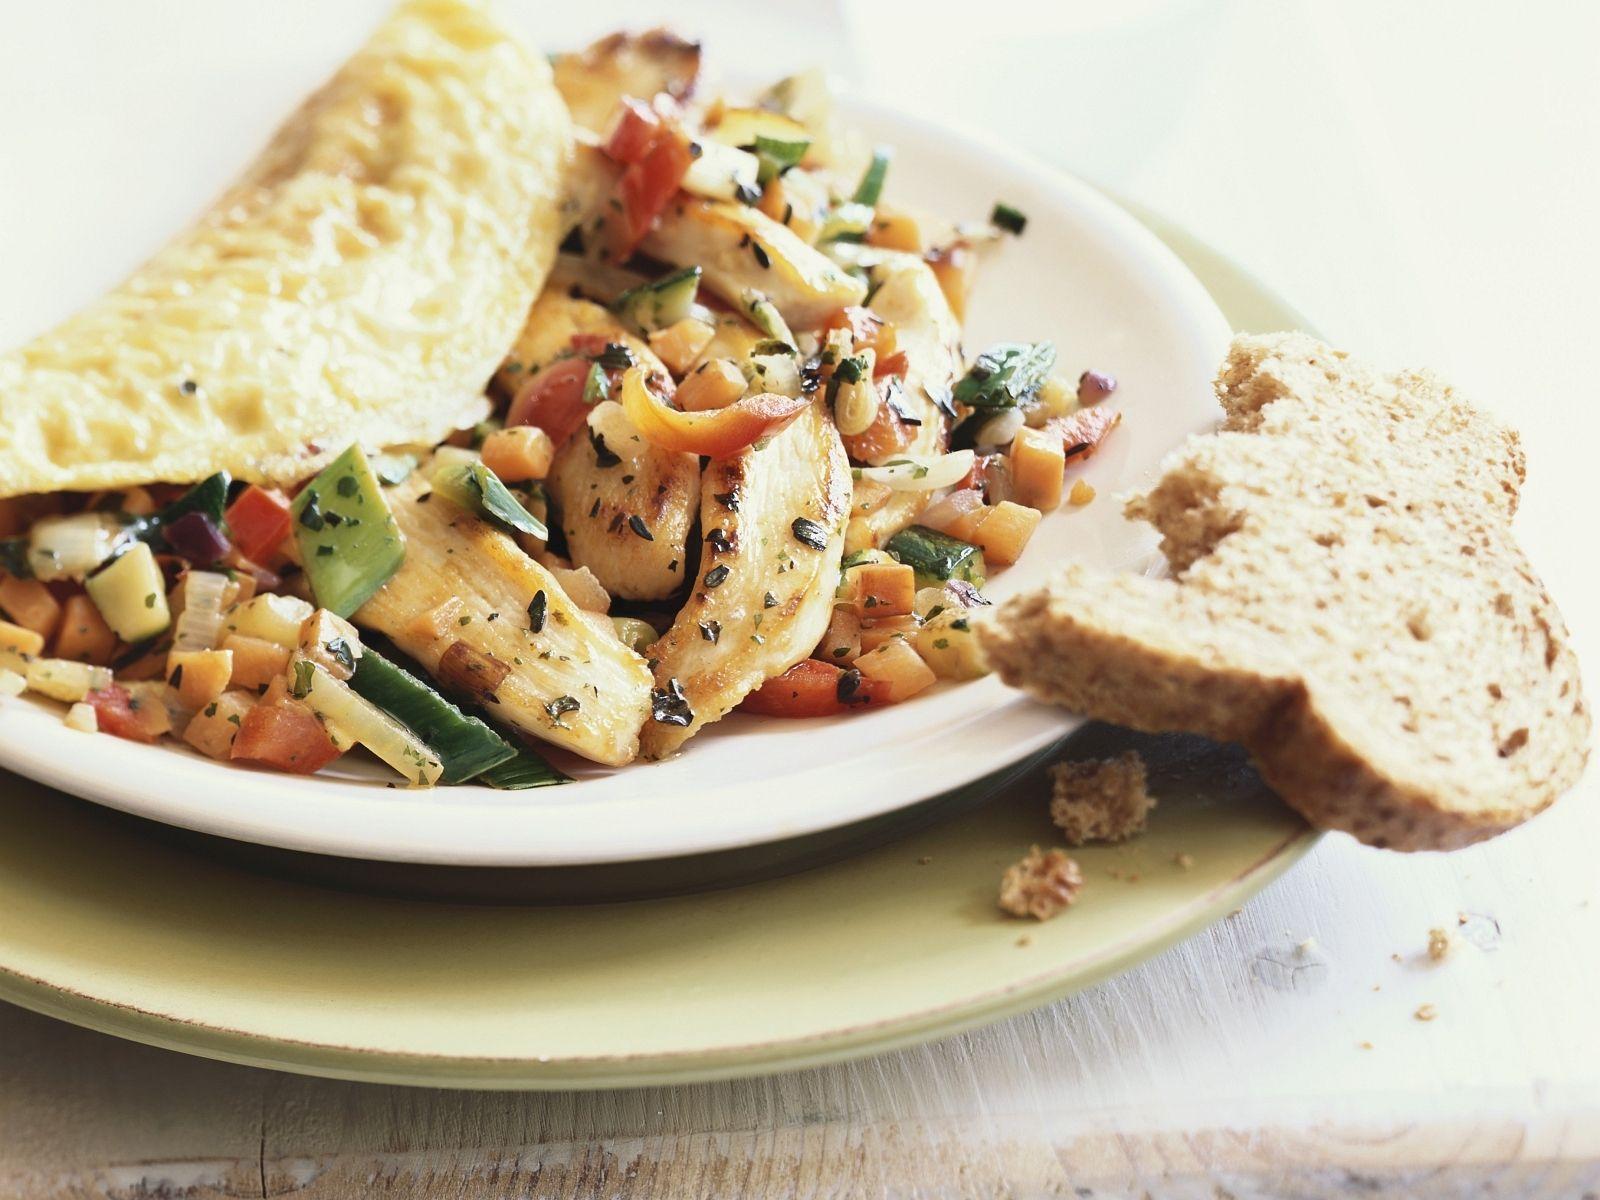 Rezept Für Omelett omelett mit hähnchen gemüse füllung rezept eat smarter